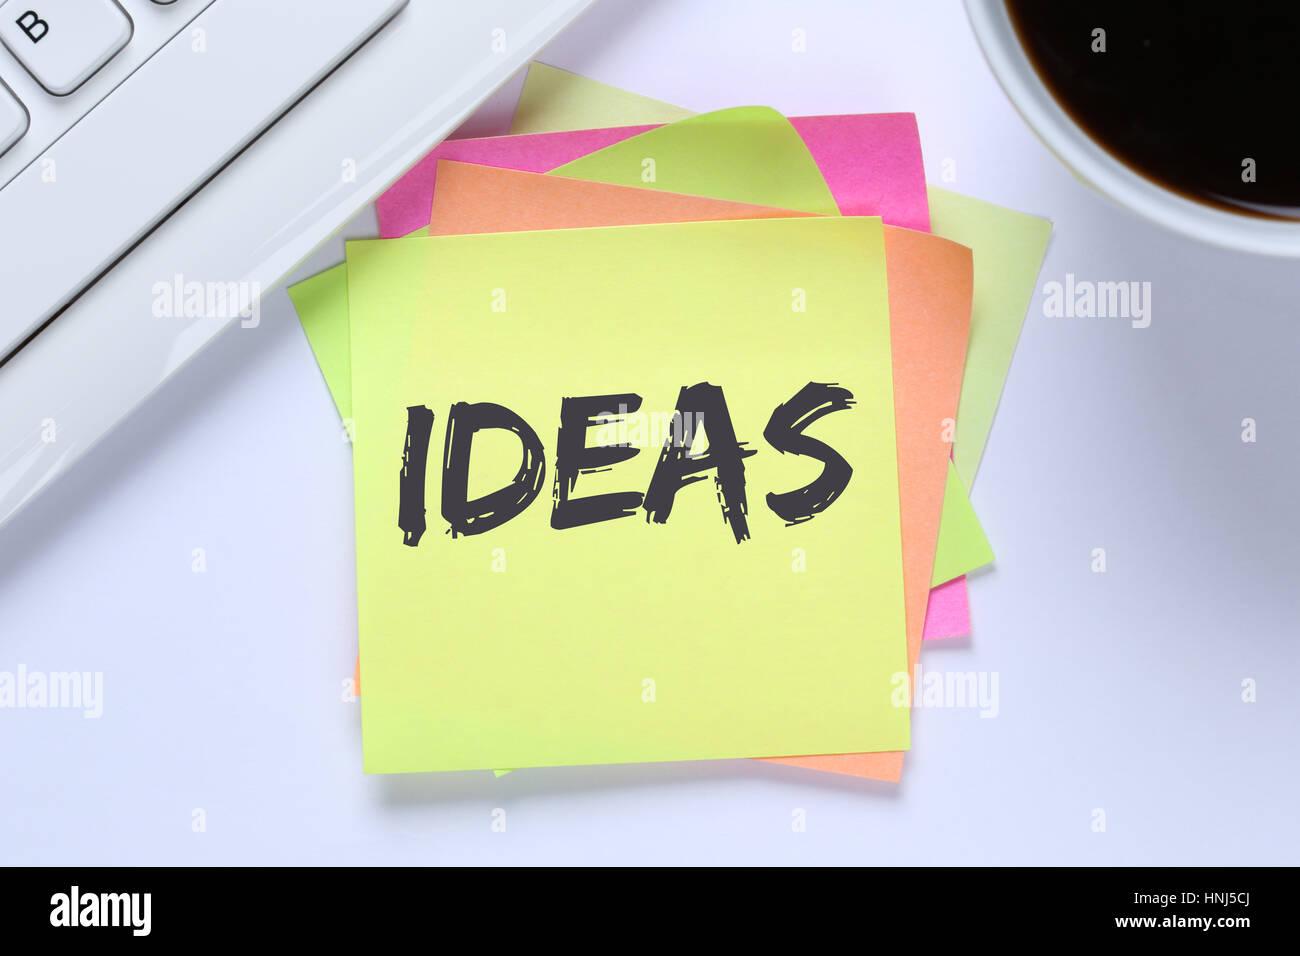 Idée idées créatives créativité croissance succès 24 clavier de l'ordinateur Photo Stock